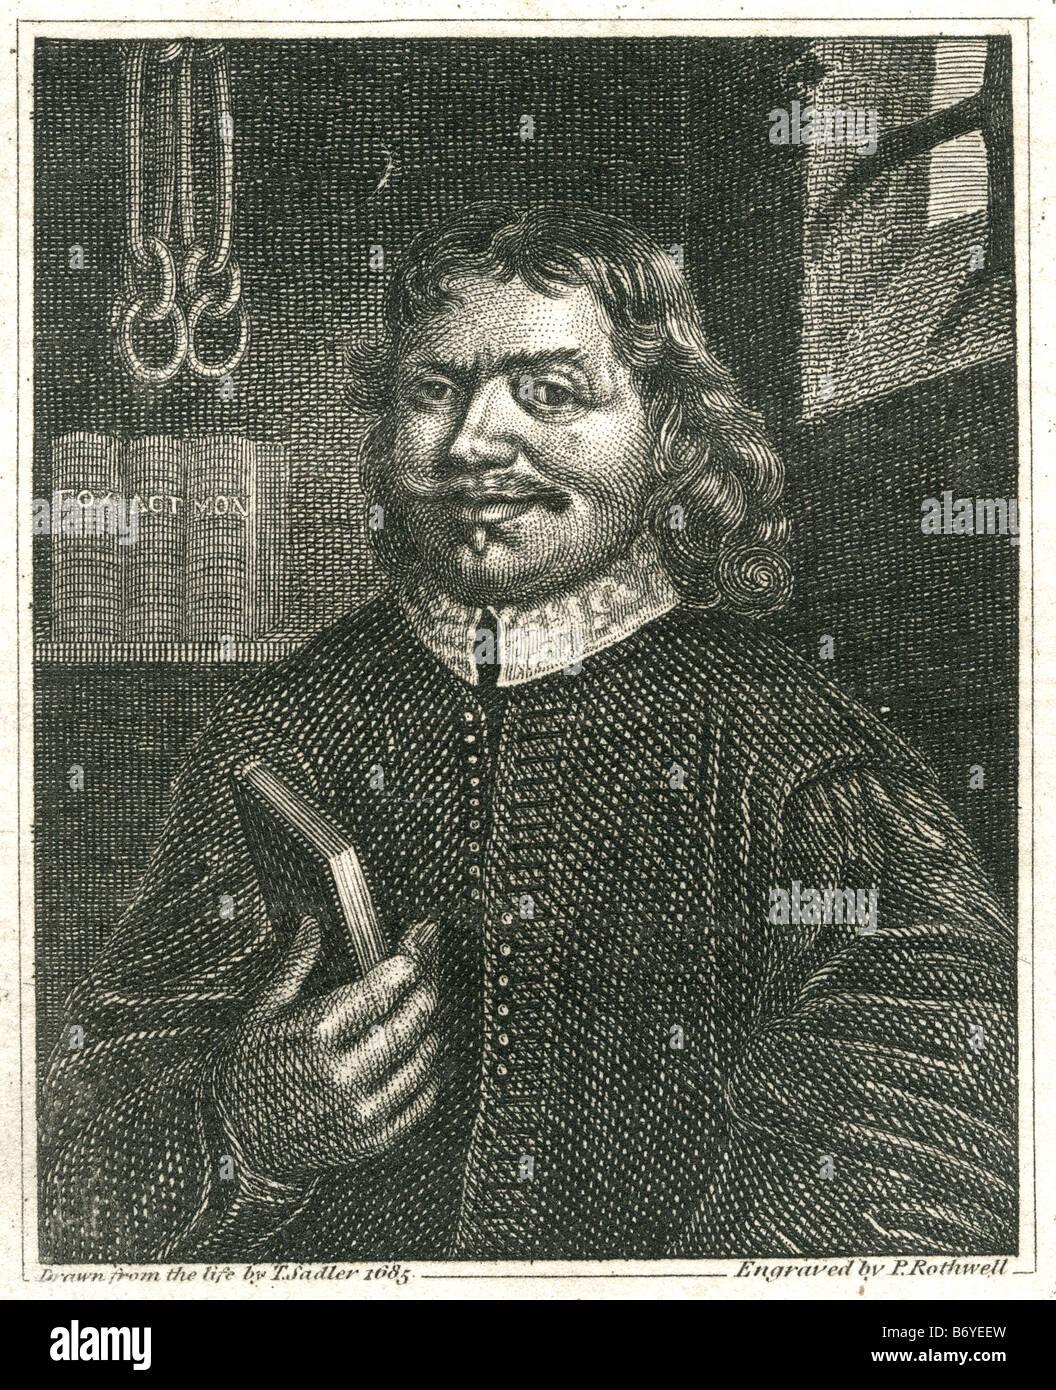 John Bunyan (28 novembre 1628 - 31 août 1688) était un écrivain chrétien et prédicateur, Banque D'Images